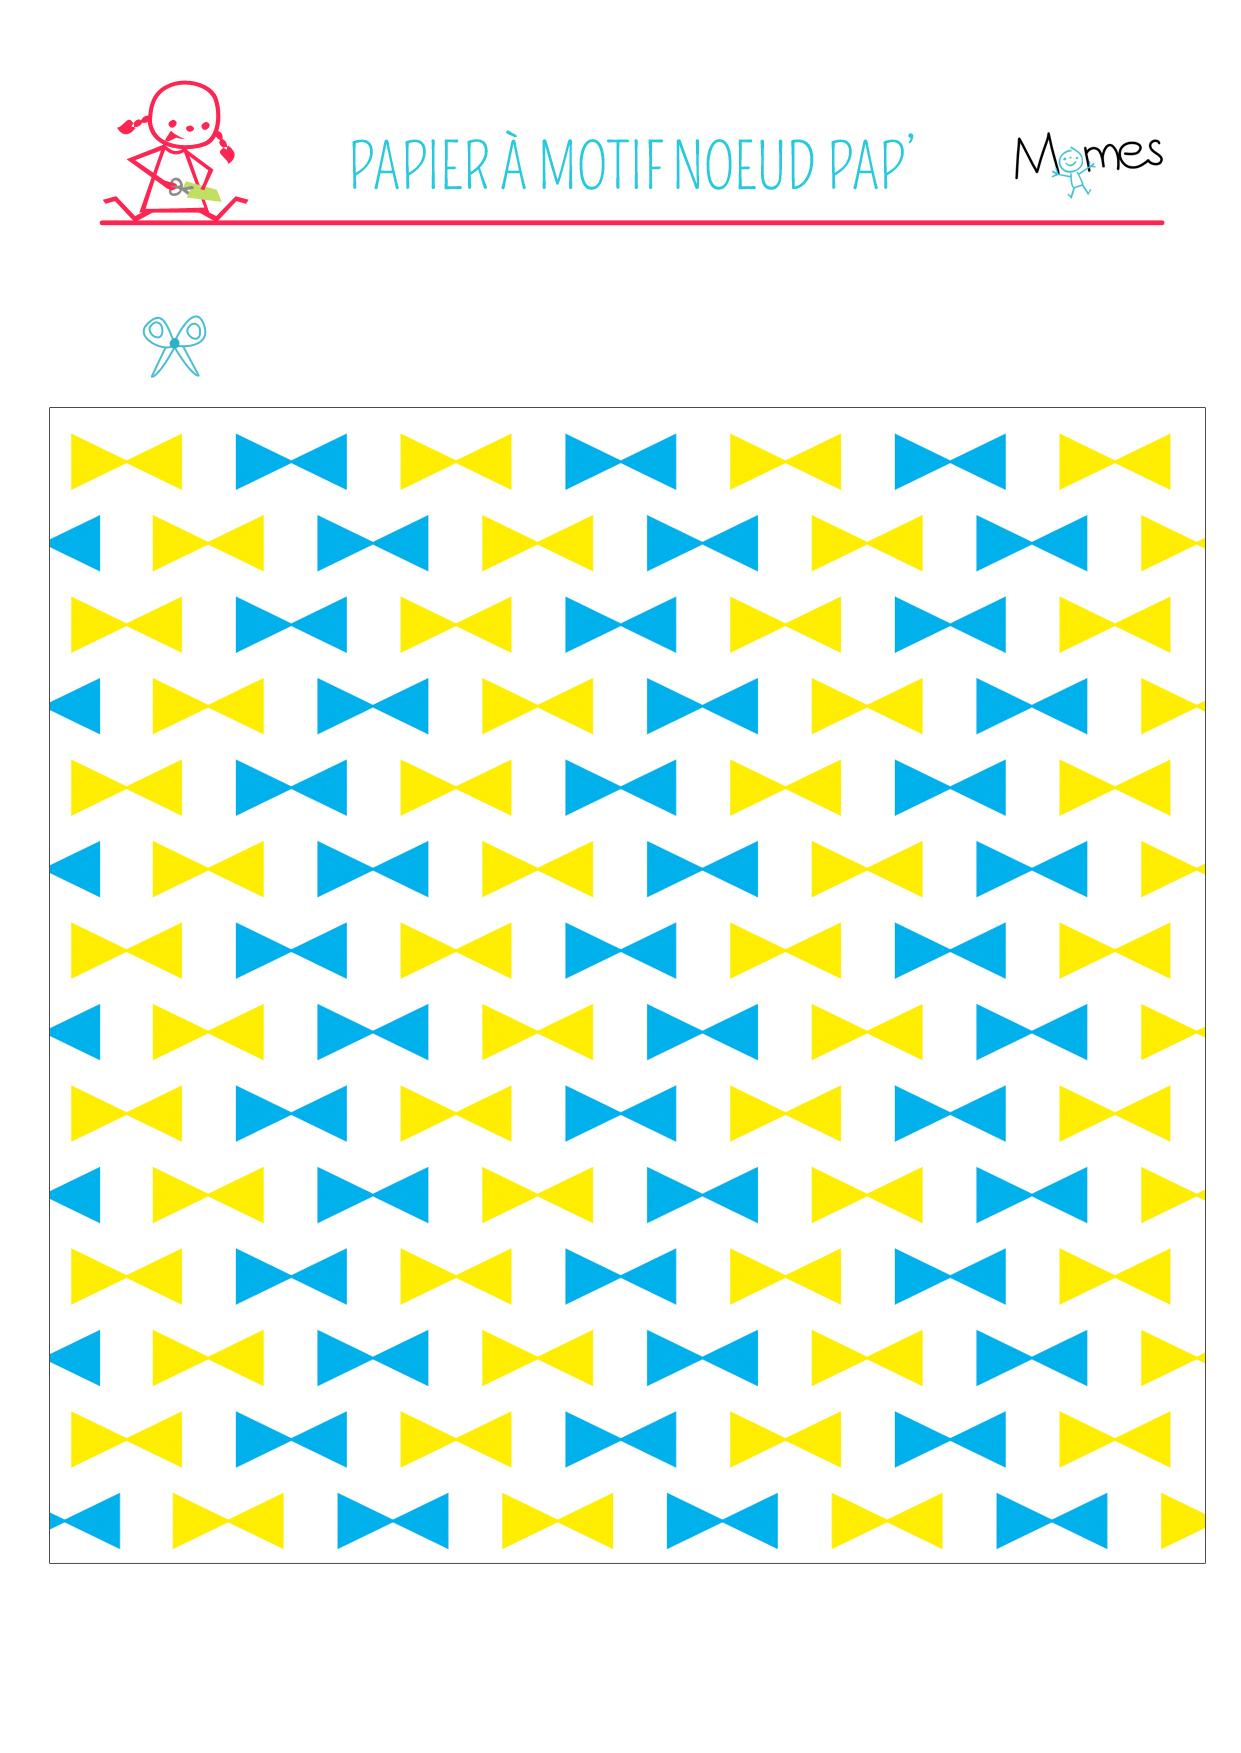 Papier Motif Noeuds Papillon À Imprimer - Momes serapportantà Etiquette Papillon A Imprimer